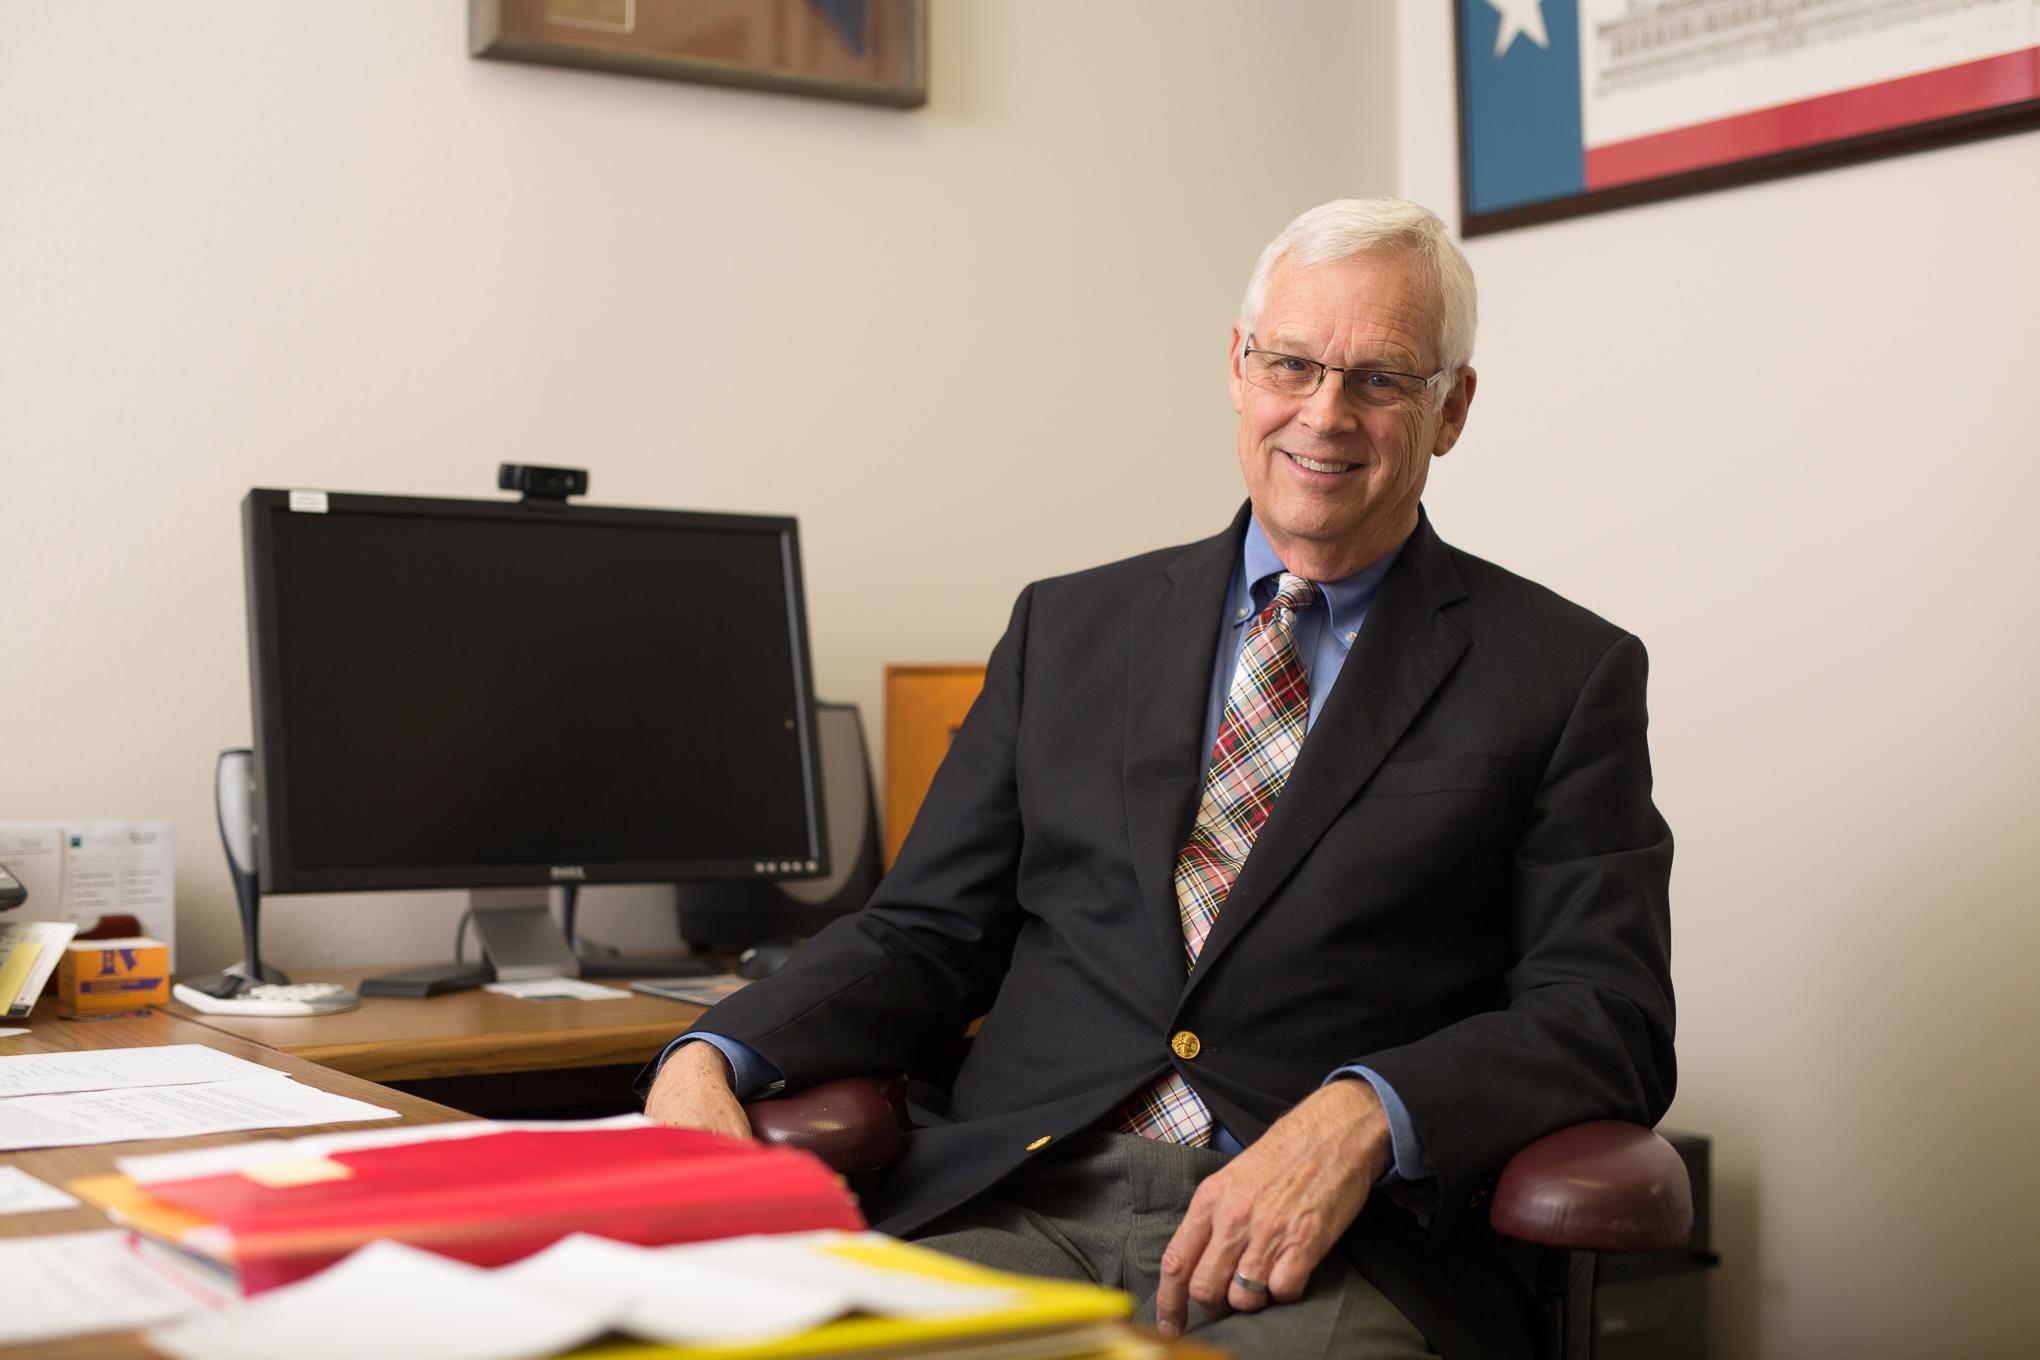 Alamo Colleges Chancellor Bruce Leslie